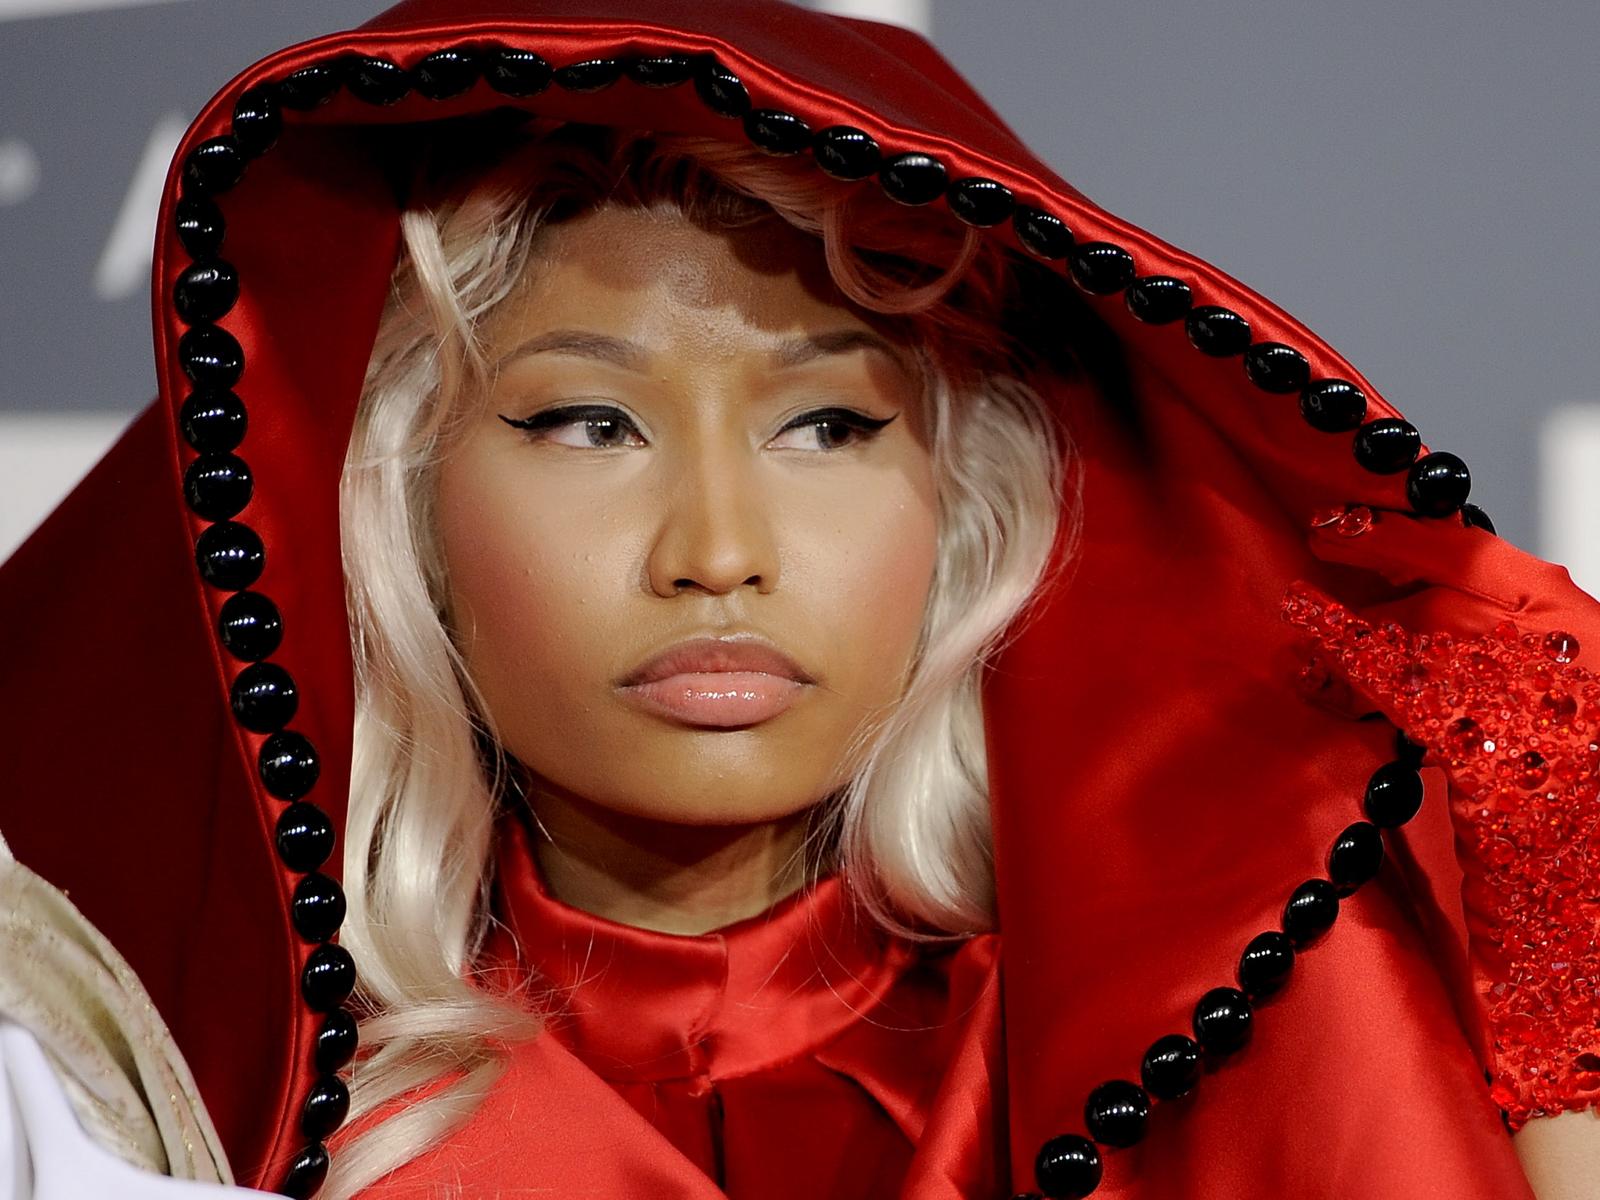 http://2.bp.blogspot.com/-KhI5J2aWwR4/T-m0OpKBhEI/AAAAAAAACjQ/cLTNsEND5bM/s1600/Nicki-Minaj19+-+Copy.jpg